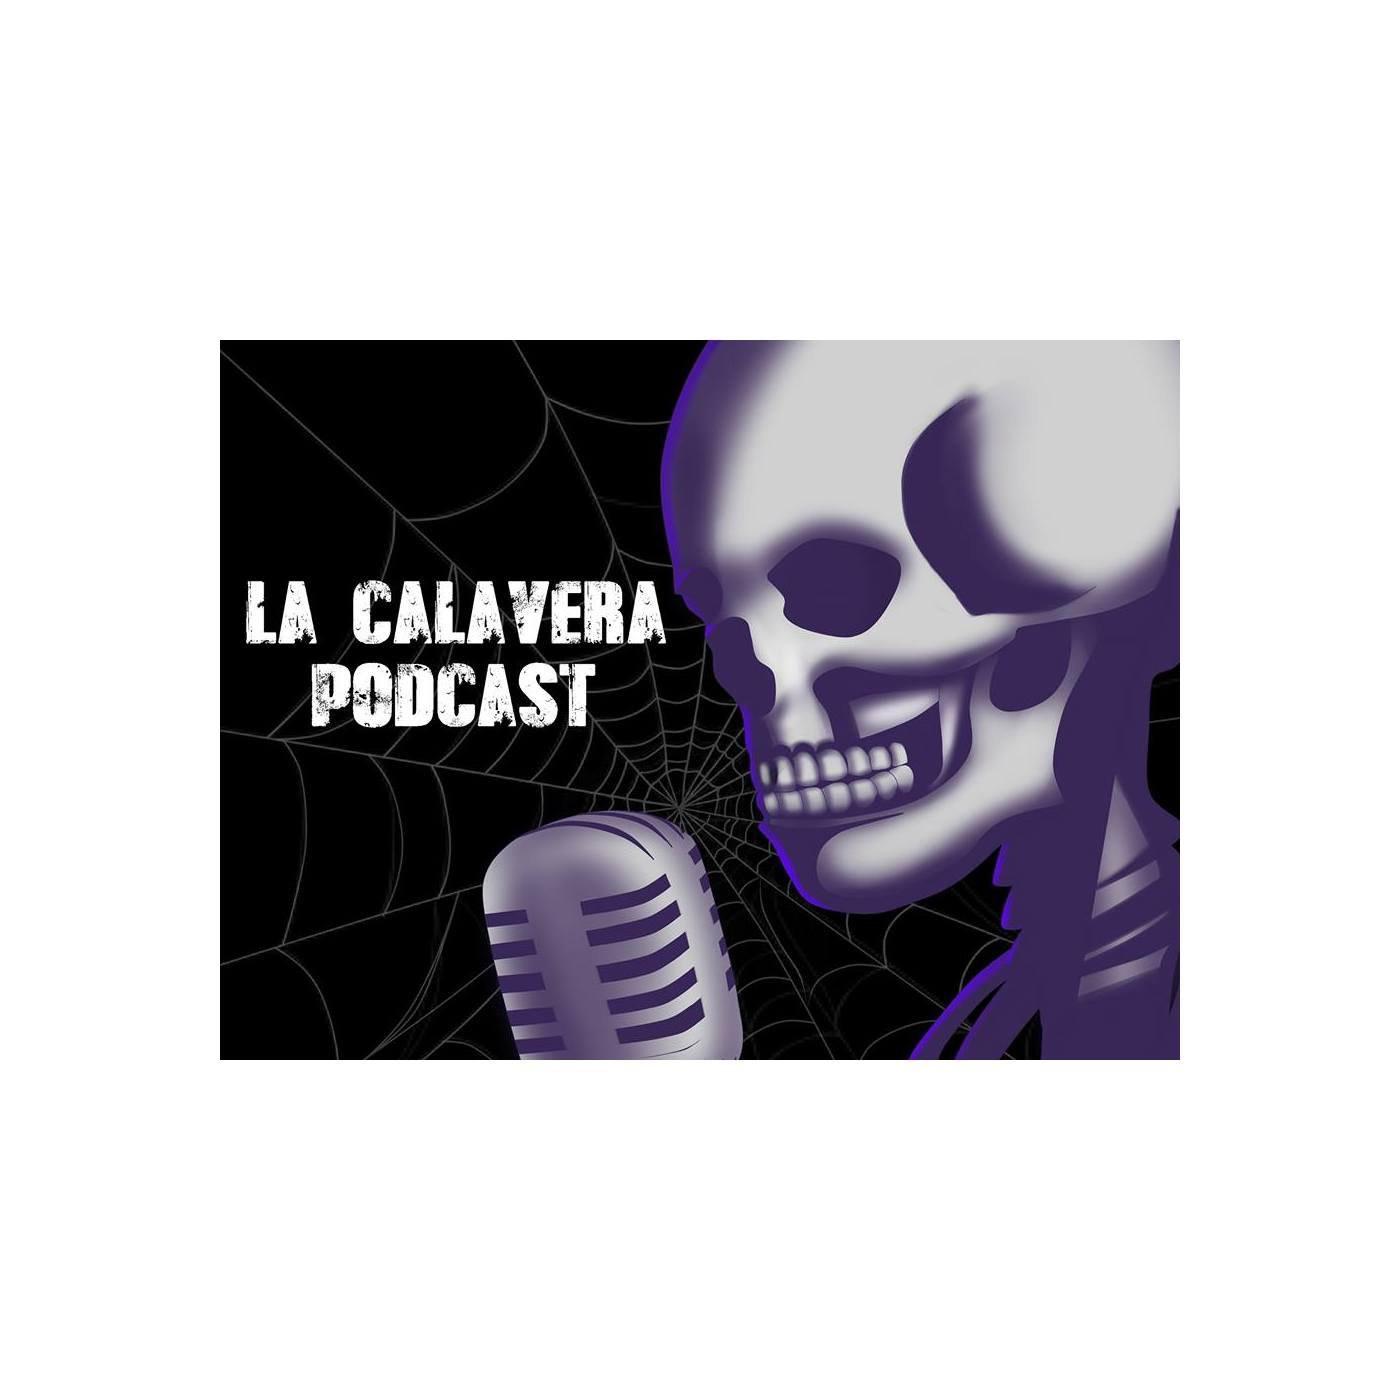 <![CDATA[La Calavera]]>